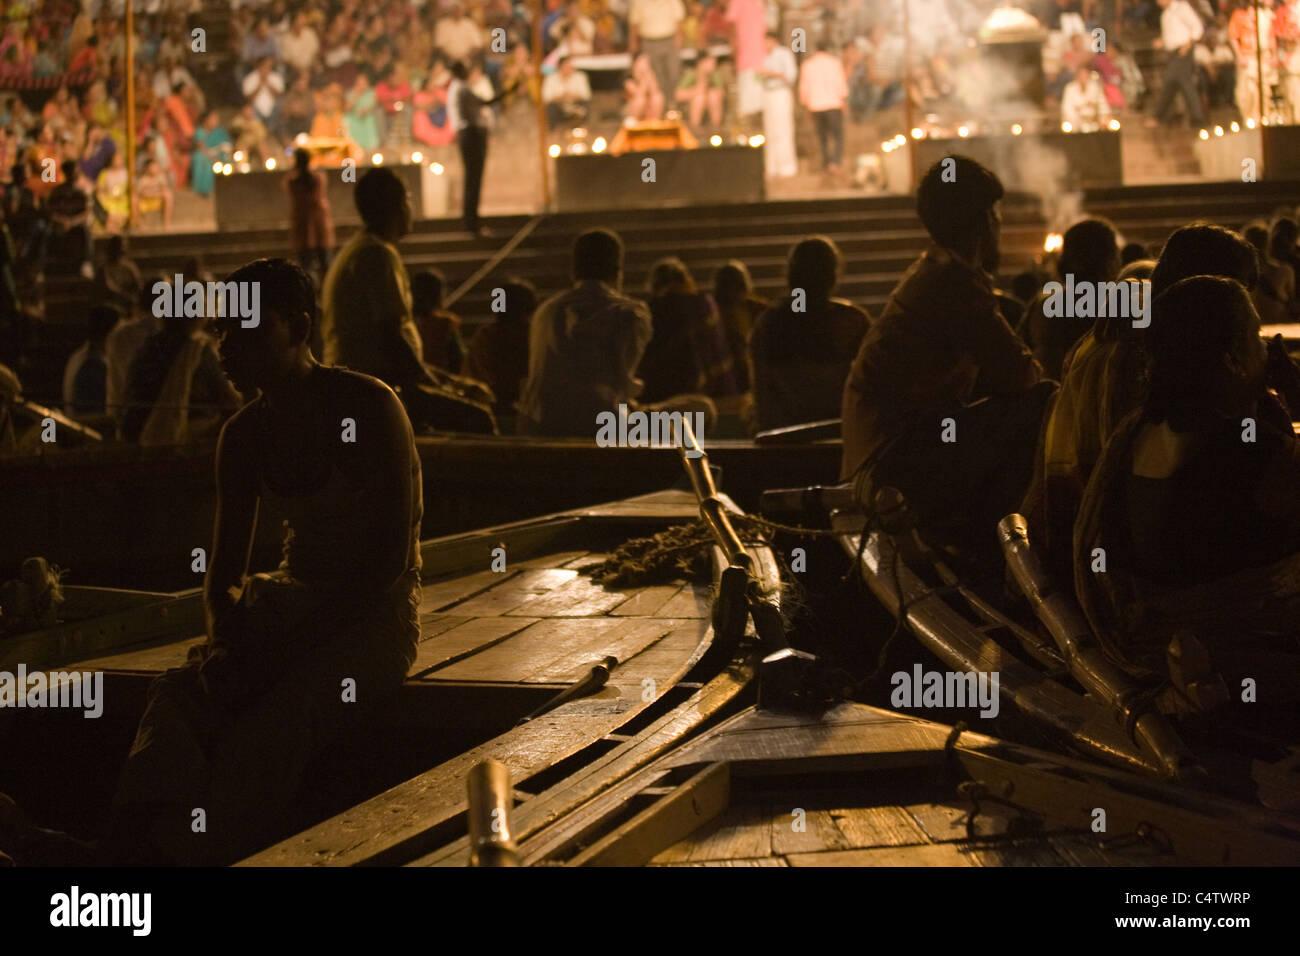 Gli osservatori guarda arti, sulle rive del Gange Ganga (fiume) in Varanasi, Uttar Pradesh, India Immagini Stock